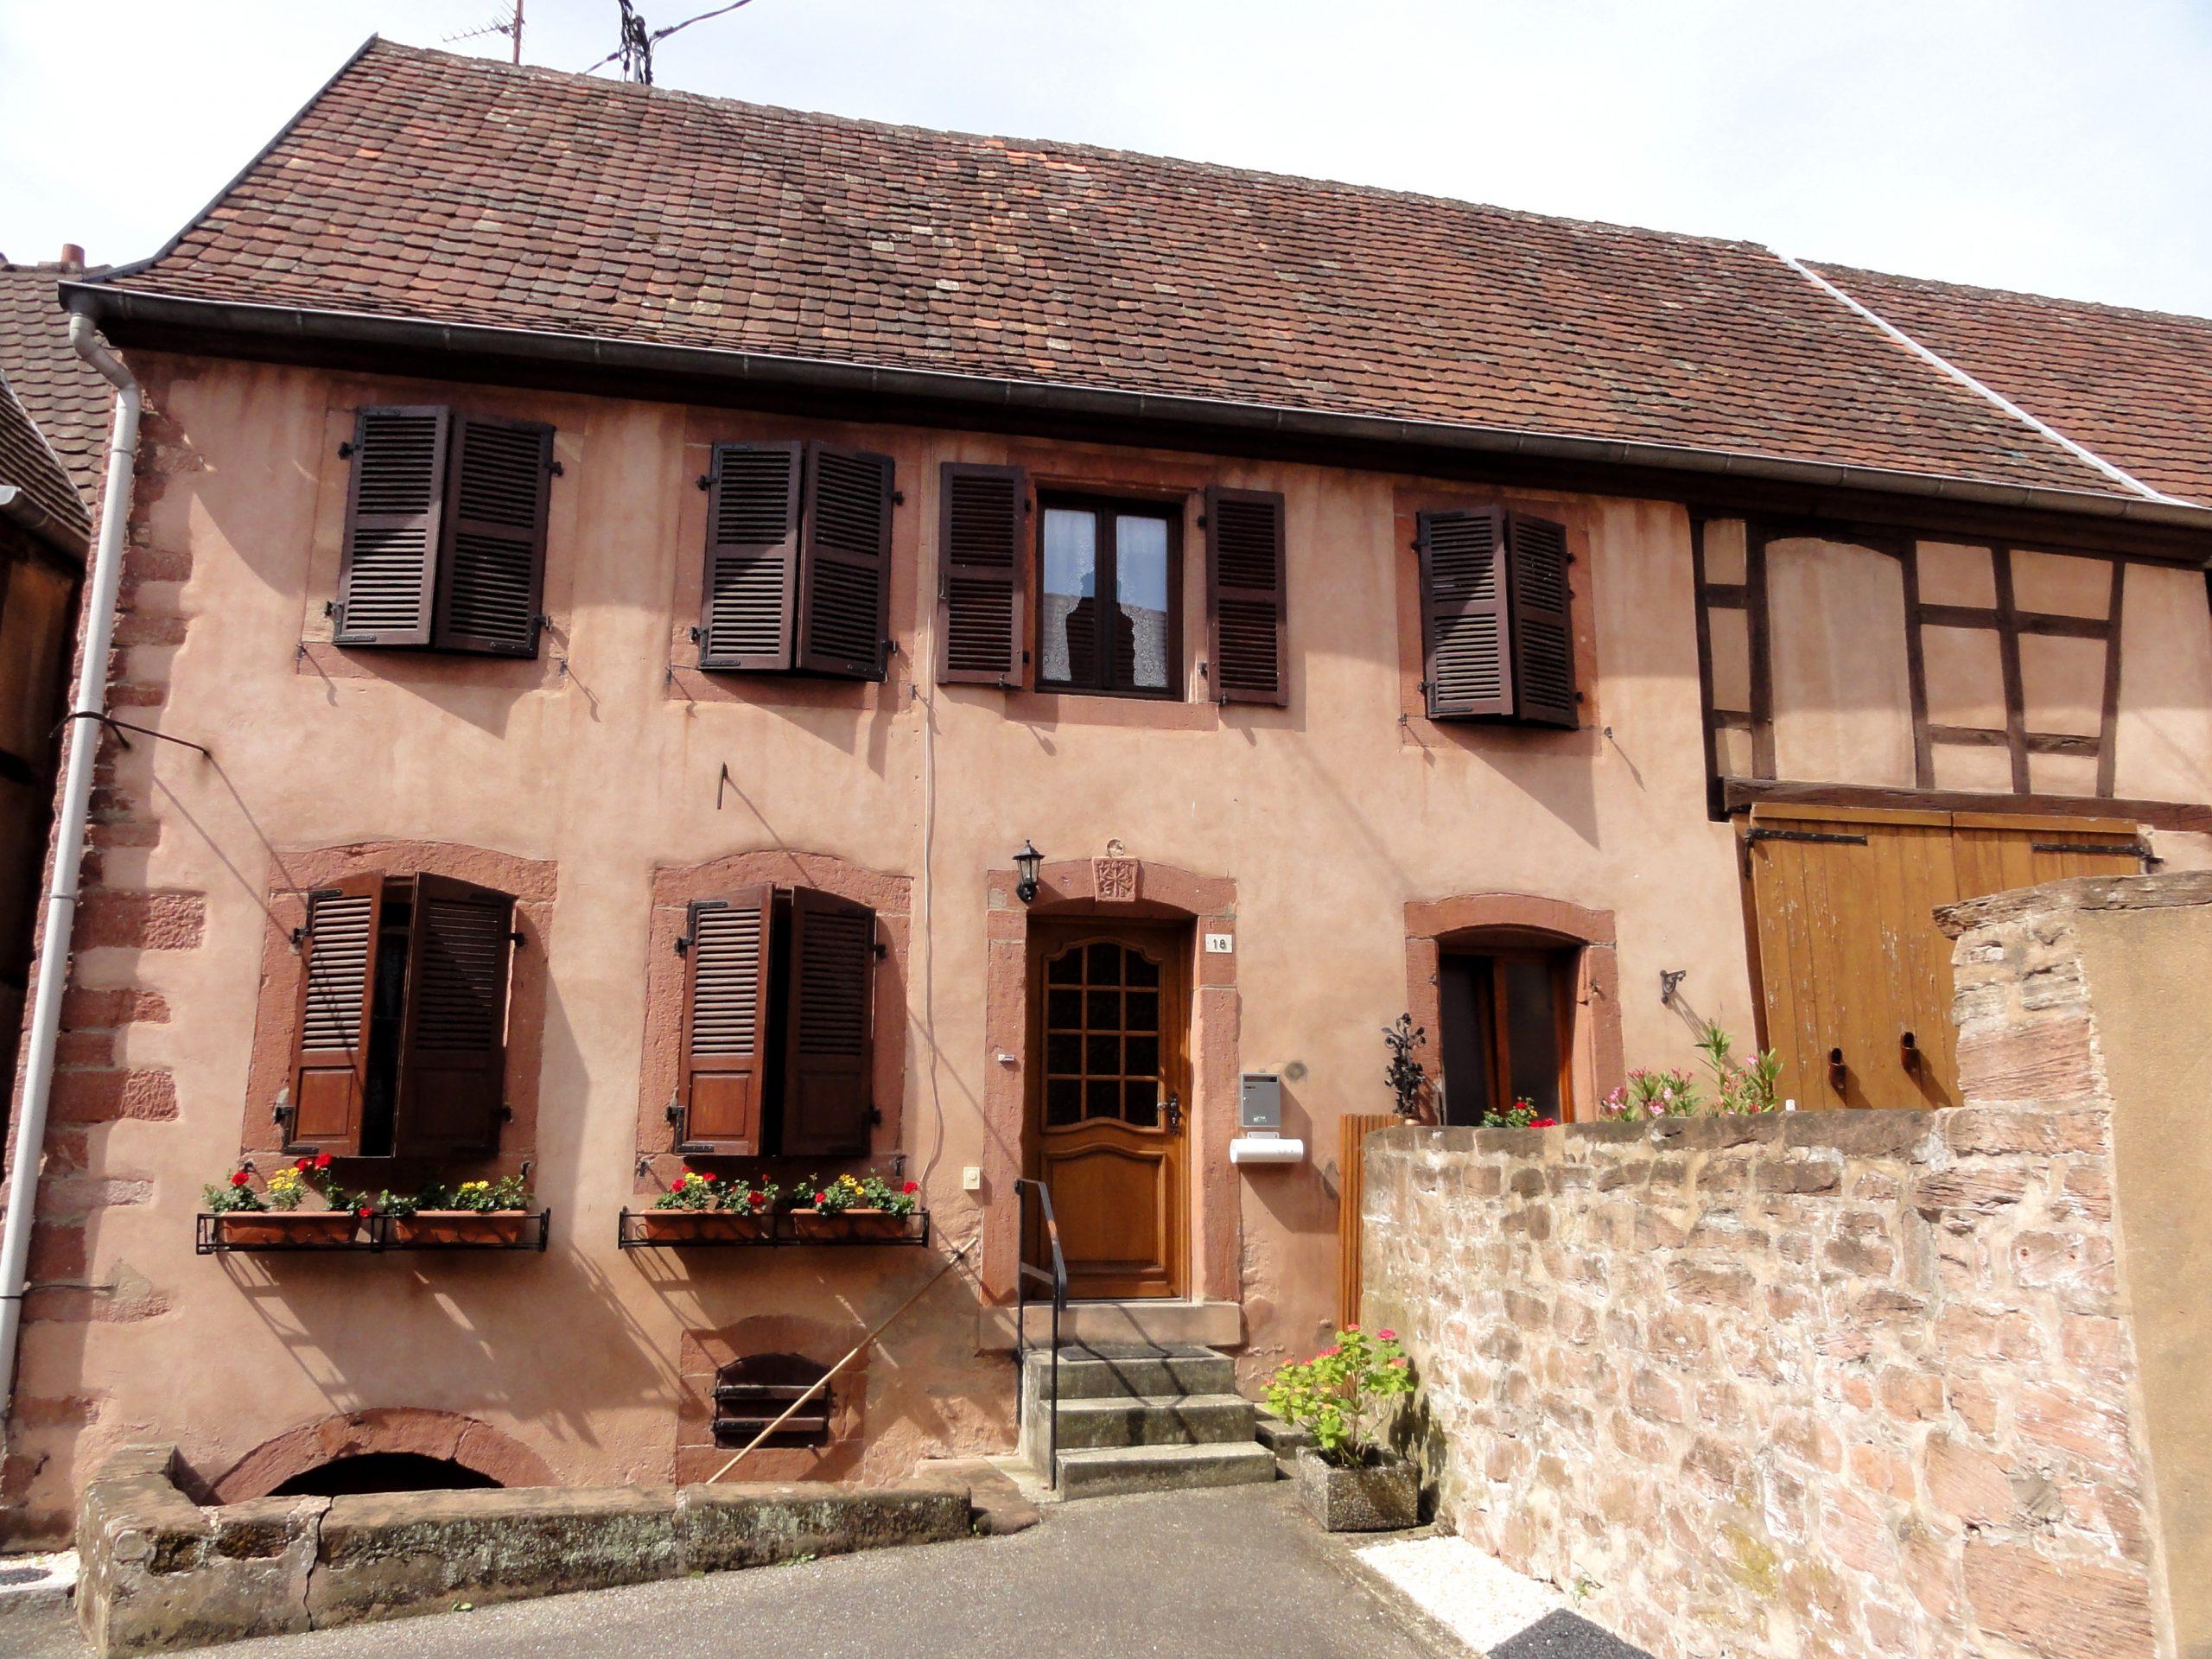 L'une des maisons remarquables de Neuwiller-lès-Saverne